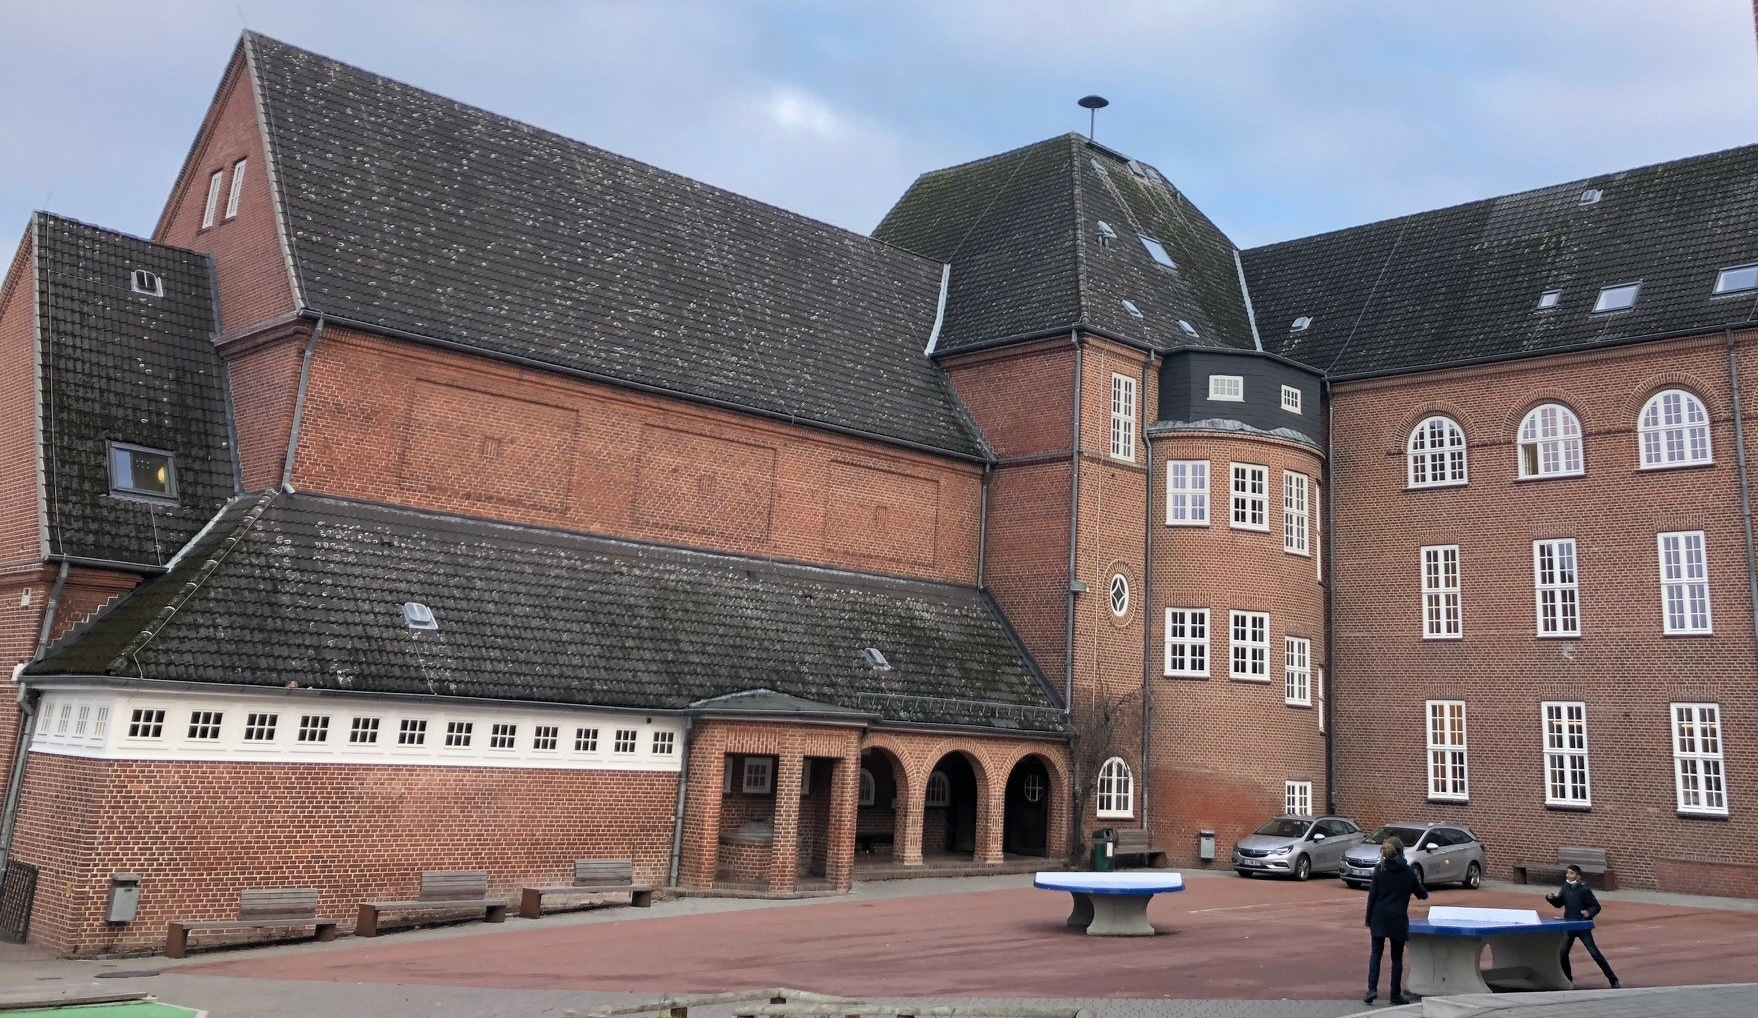 Gemeinschaftsschule-am-Seminarweg-in-Schleswig-Holstein-Bad-Segeberg